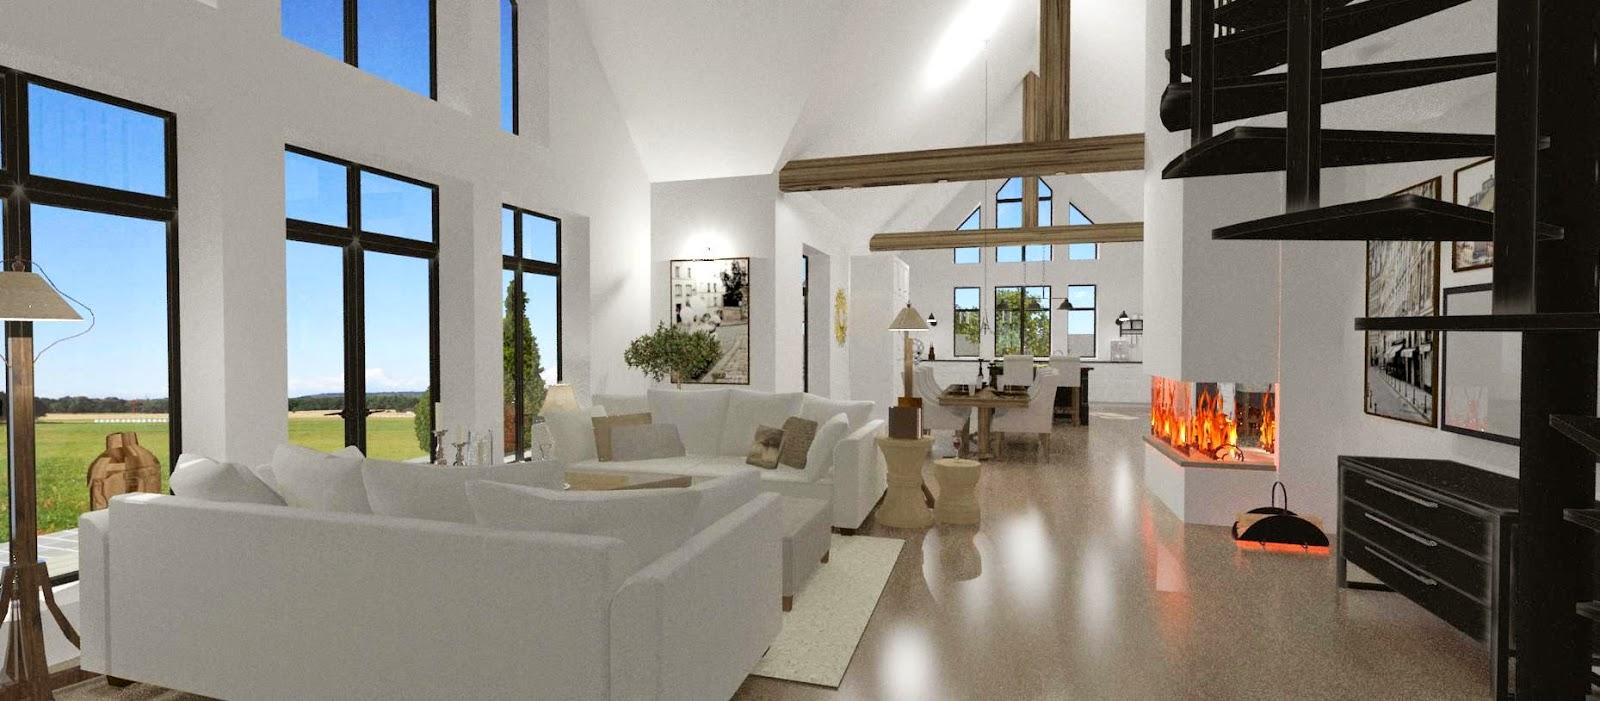 Dreams & Coffees arkitekt- och projektblogg: Öppet och ljust ...